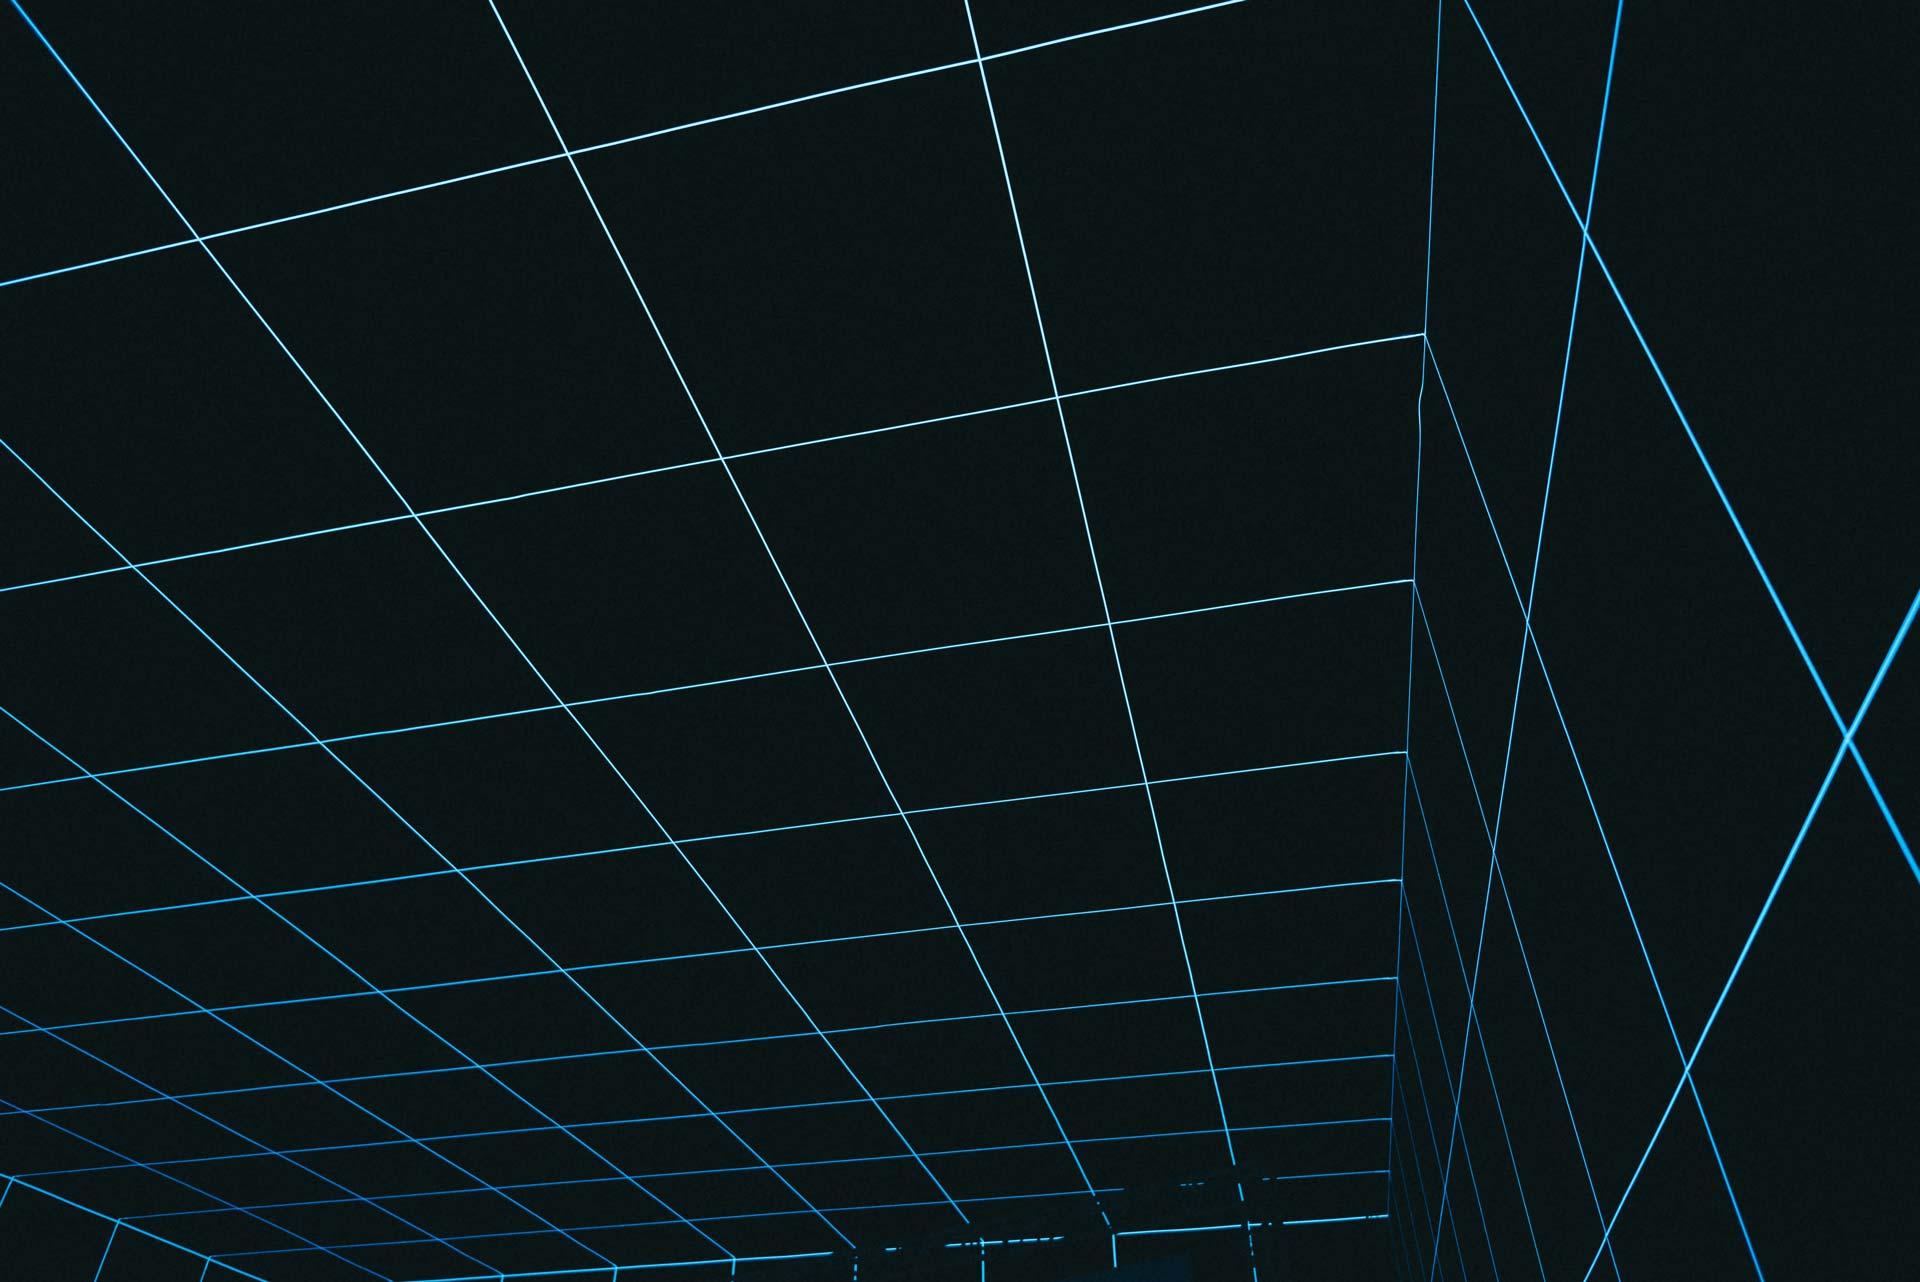 https://ucs.net/sites/united-cs/files/revslider/image/grid.jpg